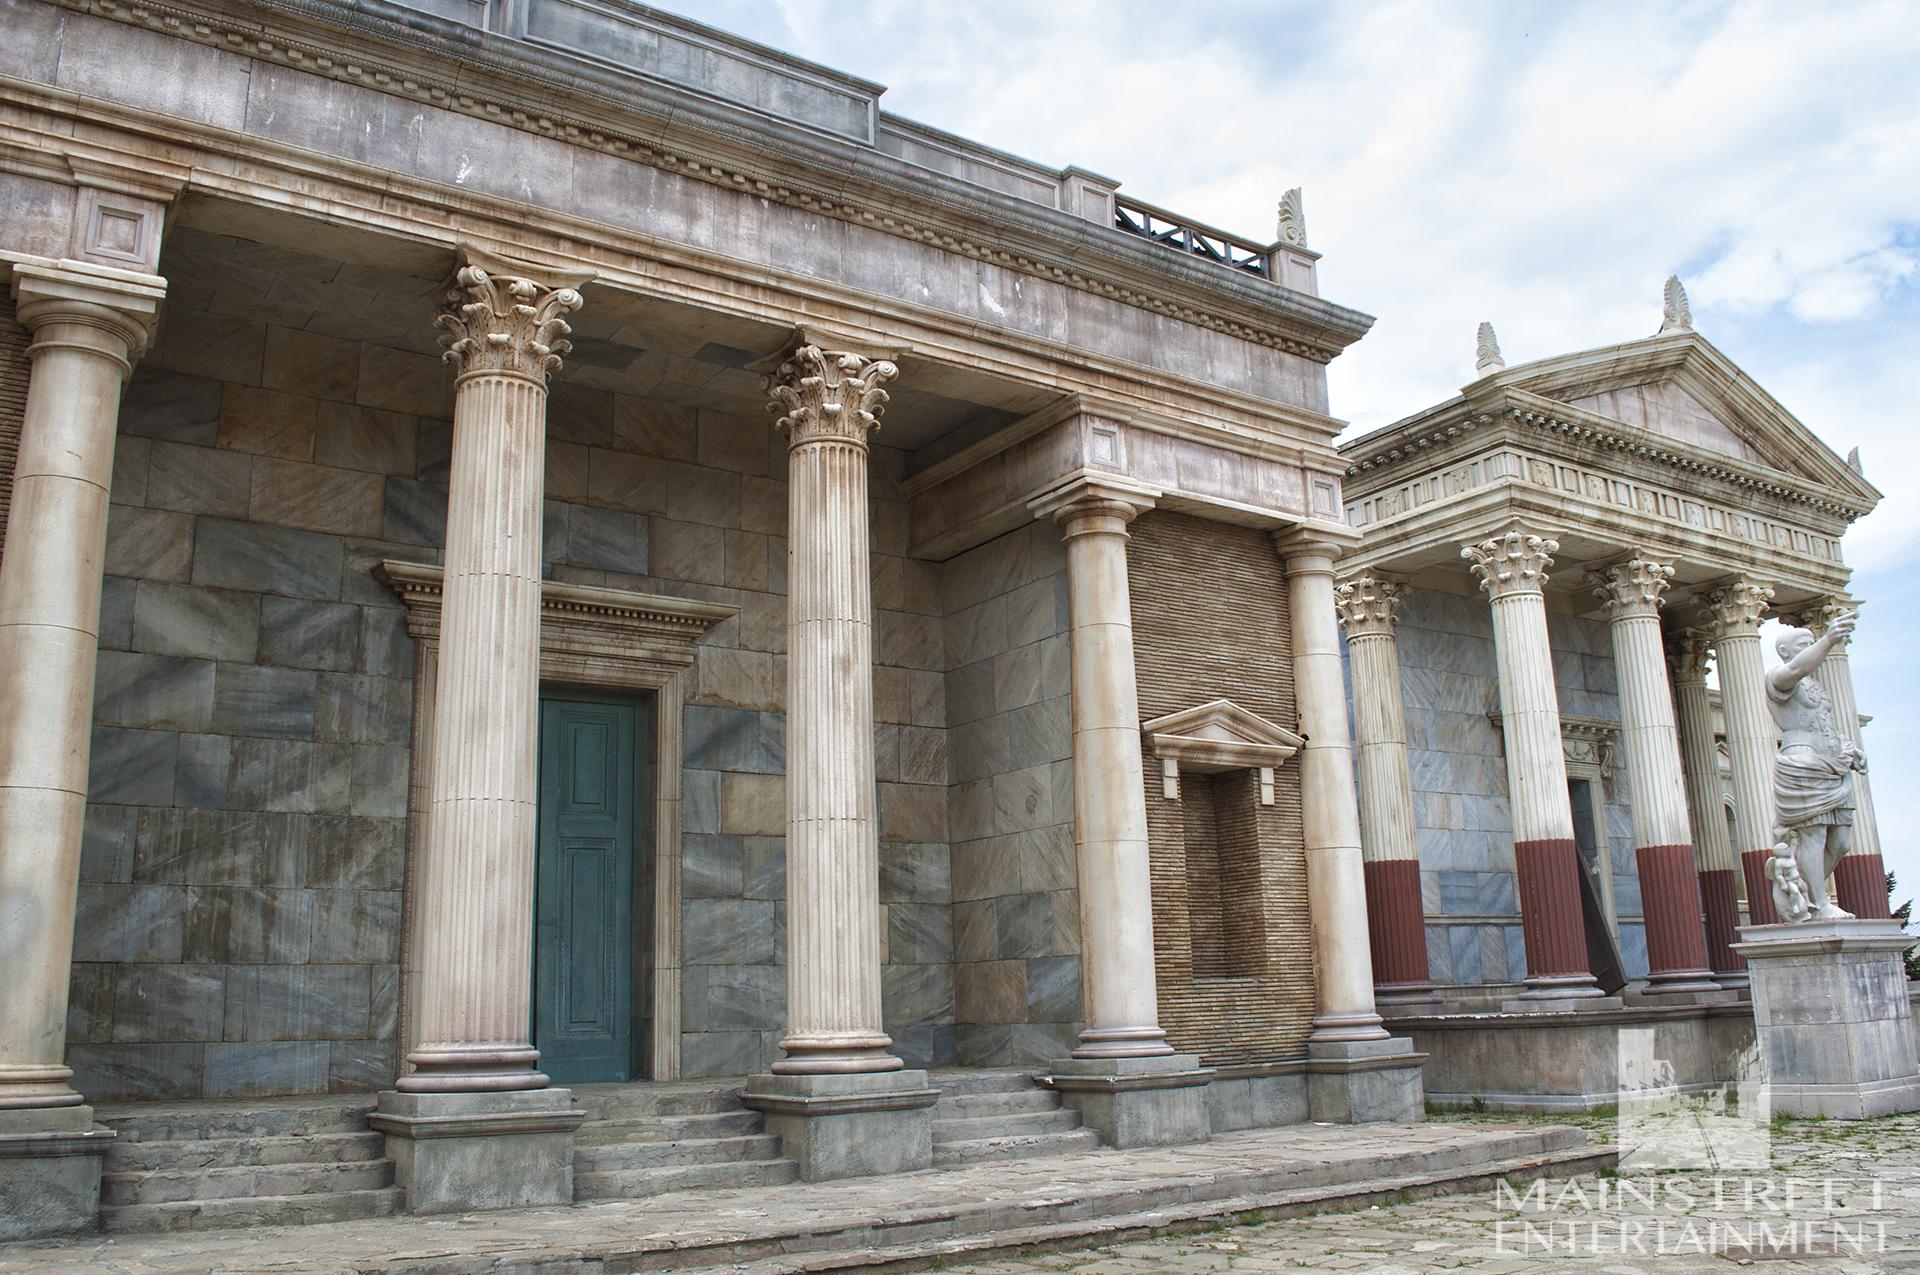 Rome film set temple columns